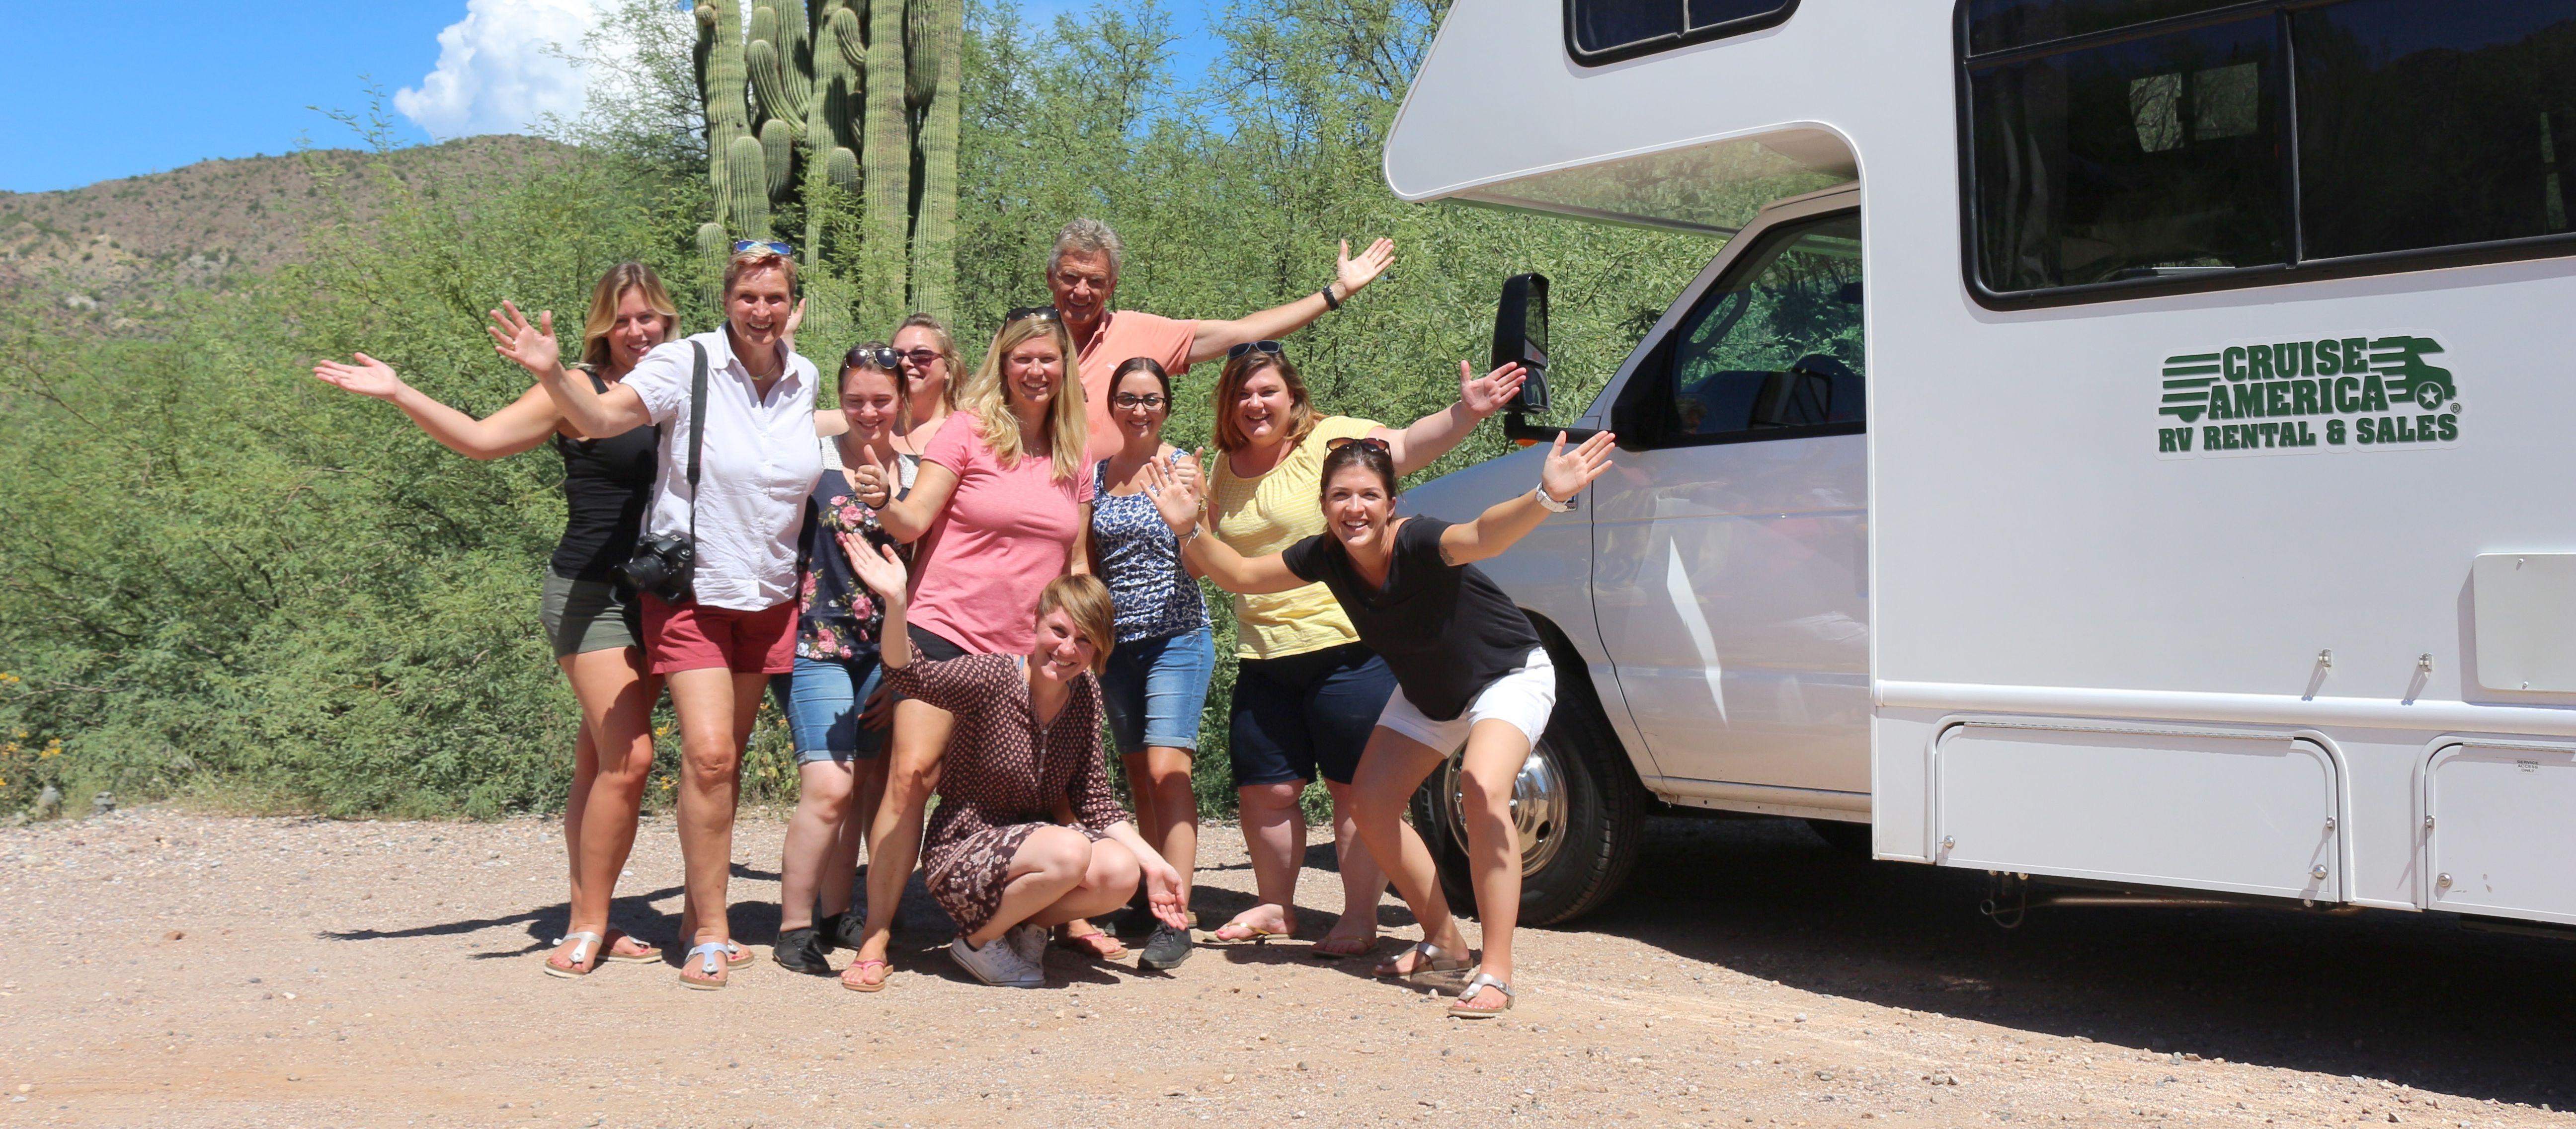 Gruppenbild vor dem C30 Wohnmobil von Cruise America